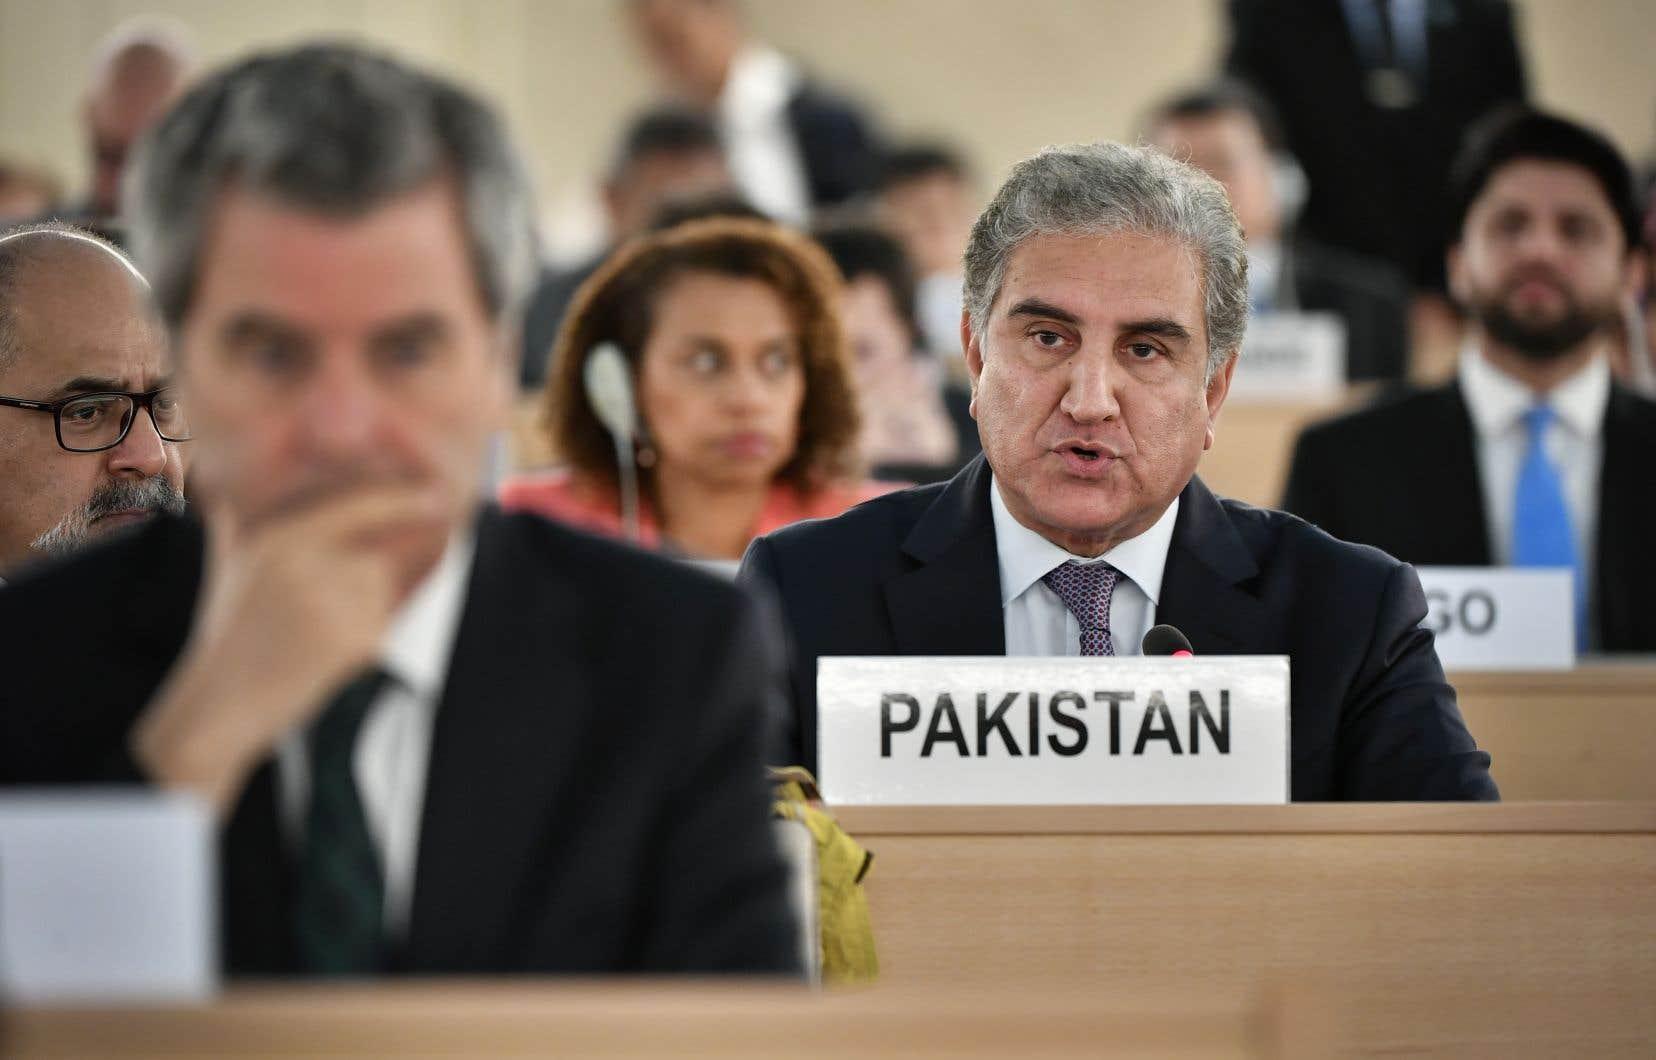 Le ministre pakistanais des Affaires étrangères, Shah Mehmood Qureshi, devant le Conseil des droits de l'Homme de l'ONU.